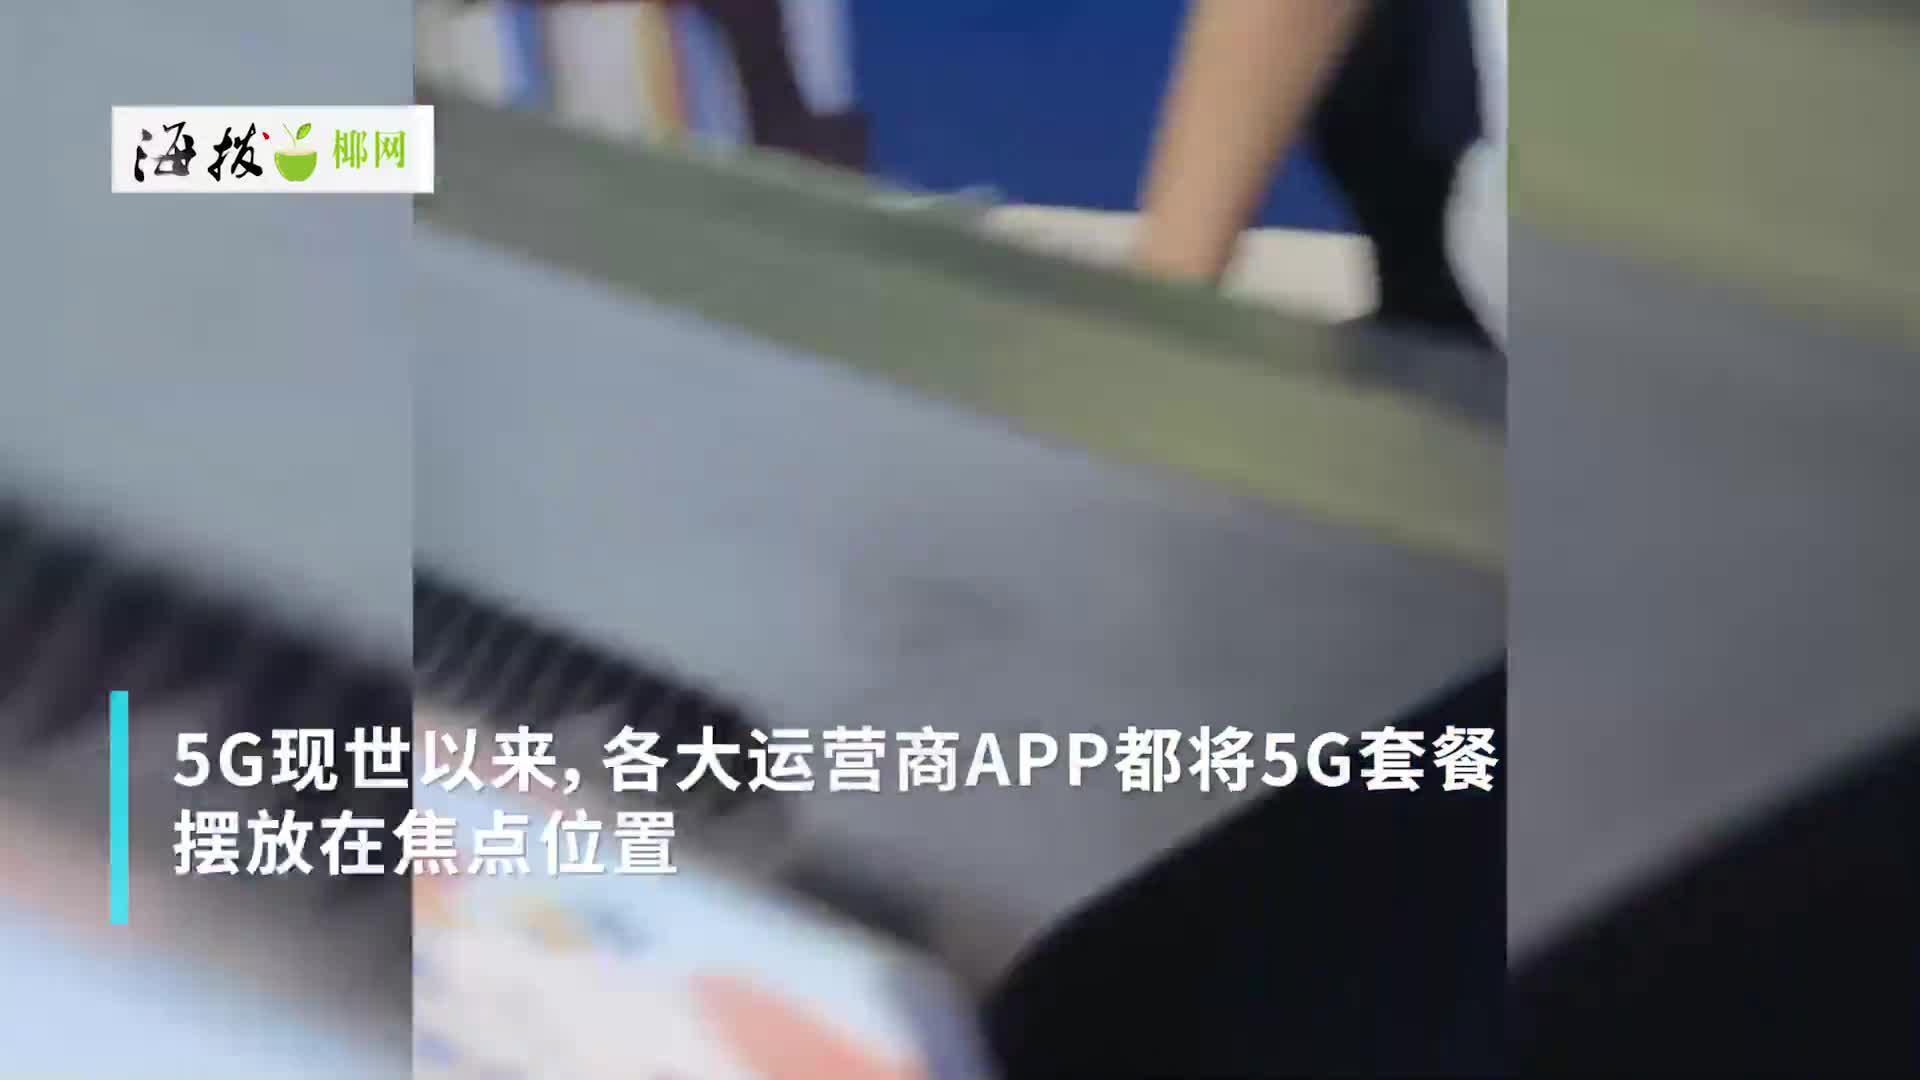 """【海视频】4G套餐遭下架?手机用户""""被5G""""?记者实地走访海口发现……"""